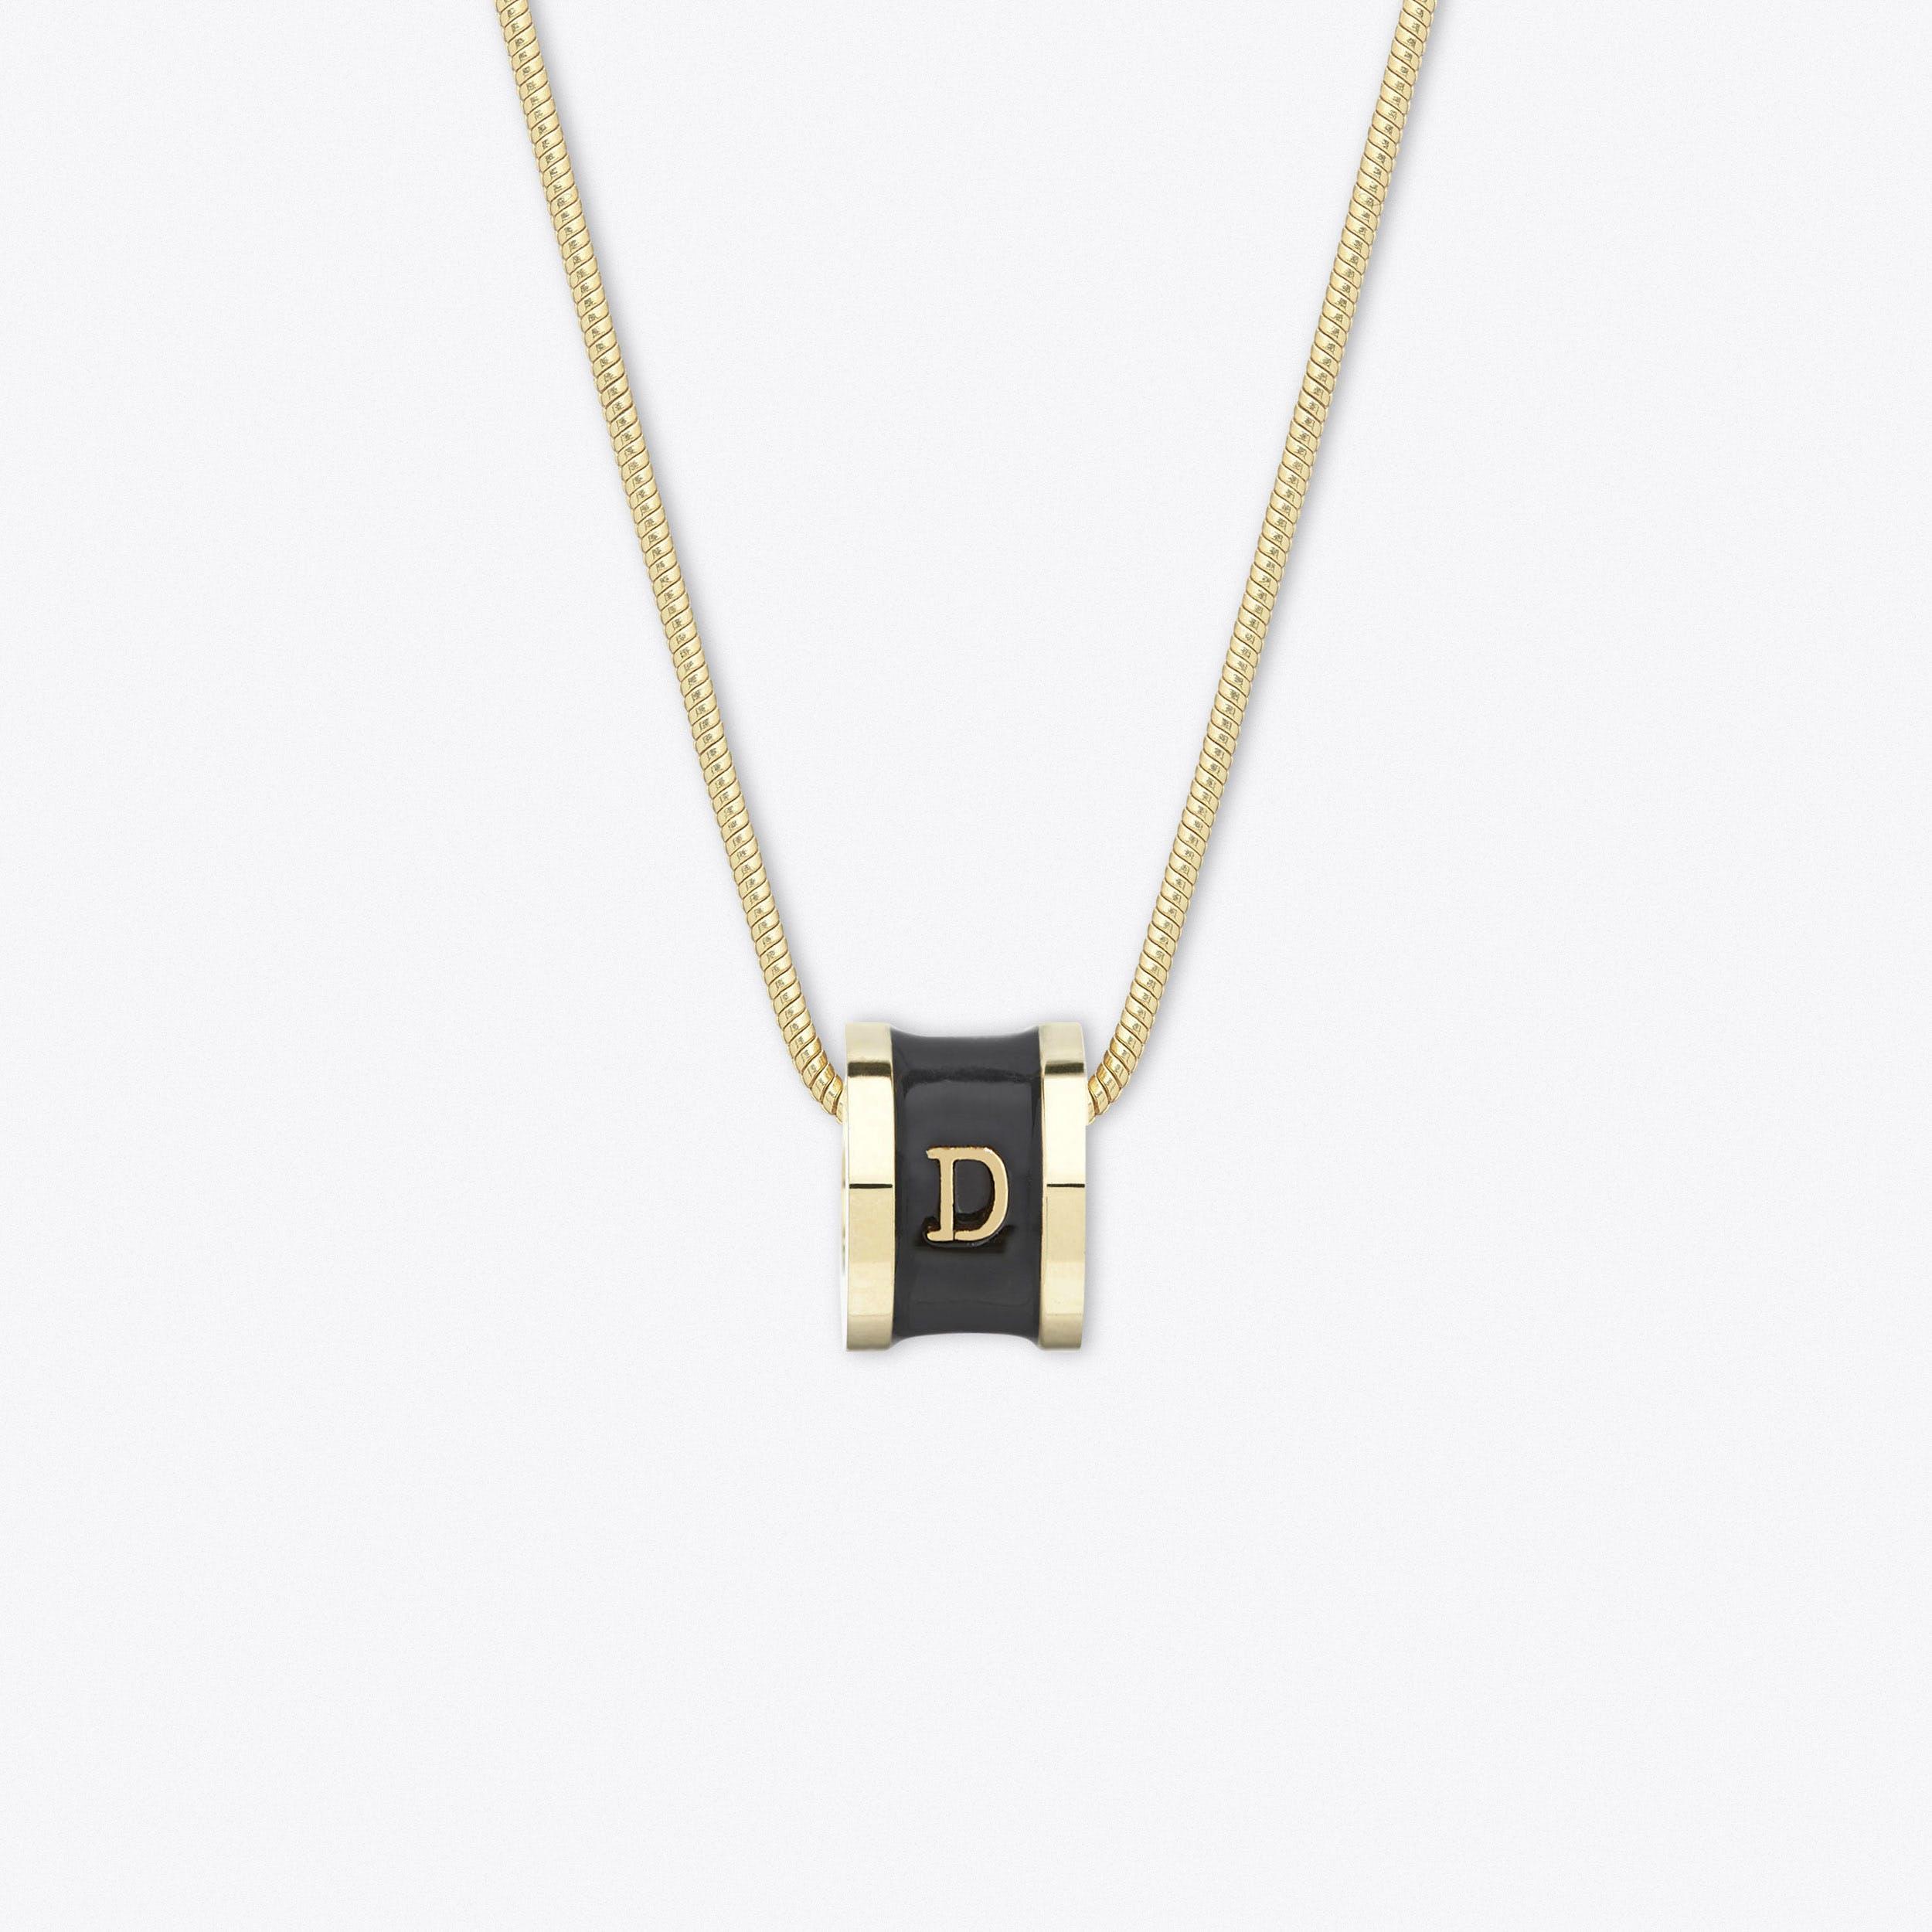 24ct Necklace D